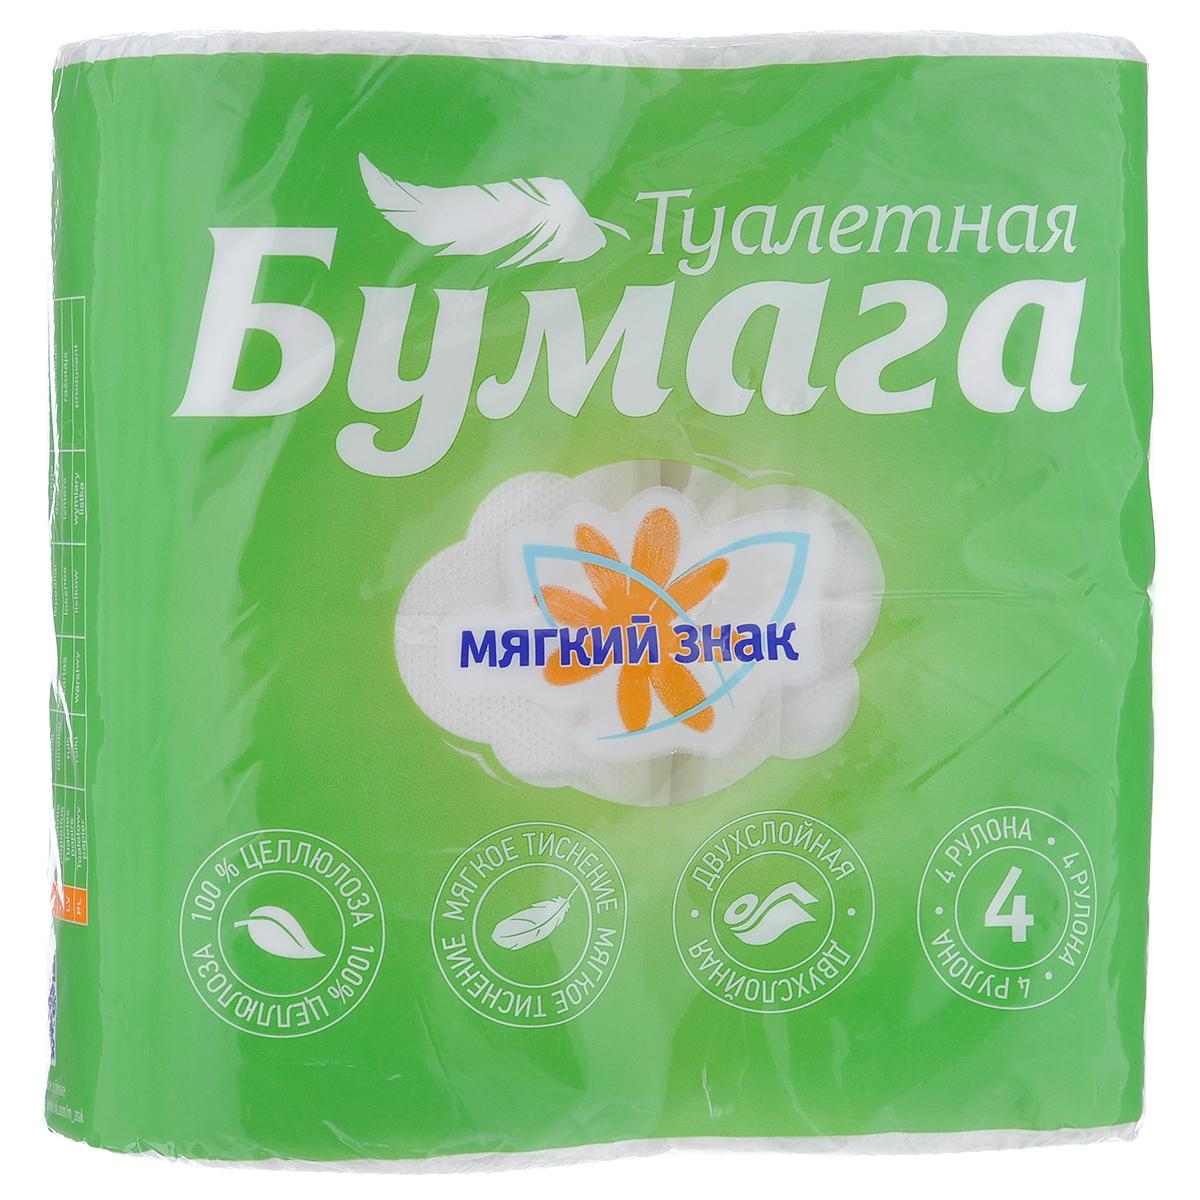 Туалетная бумага Мягкий знак, двухслойная, цвет: белый, 4 рулона391602Туалетная бумага Мягкий знак, выполненная из натуральной целлюлозы, обеспечивает превосходный комфорт и ощущение чистоты и свежести. Необыкновенно мягкая, но в тоже время прочная, бумага не расслаивается и отрывается строго по линии перфорации. Двухслойные листы имеют рисунок с перфорацией.Количество листов: 150 шт. Количество слоев: 2. Размер листа: 12,5 см х 9,6 см. Состав: 100% целлюлоза.